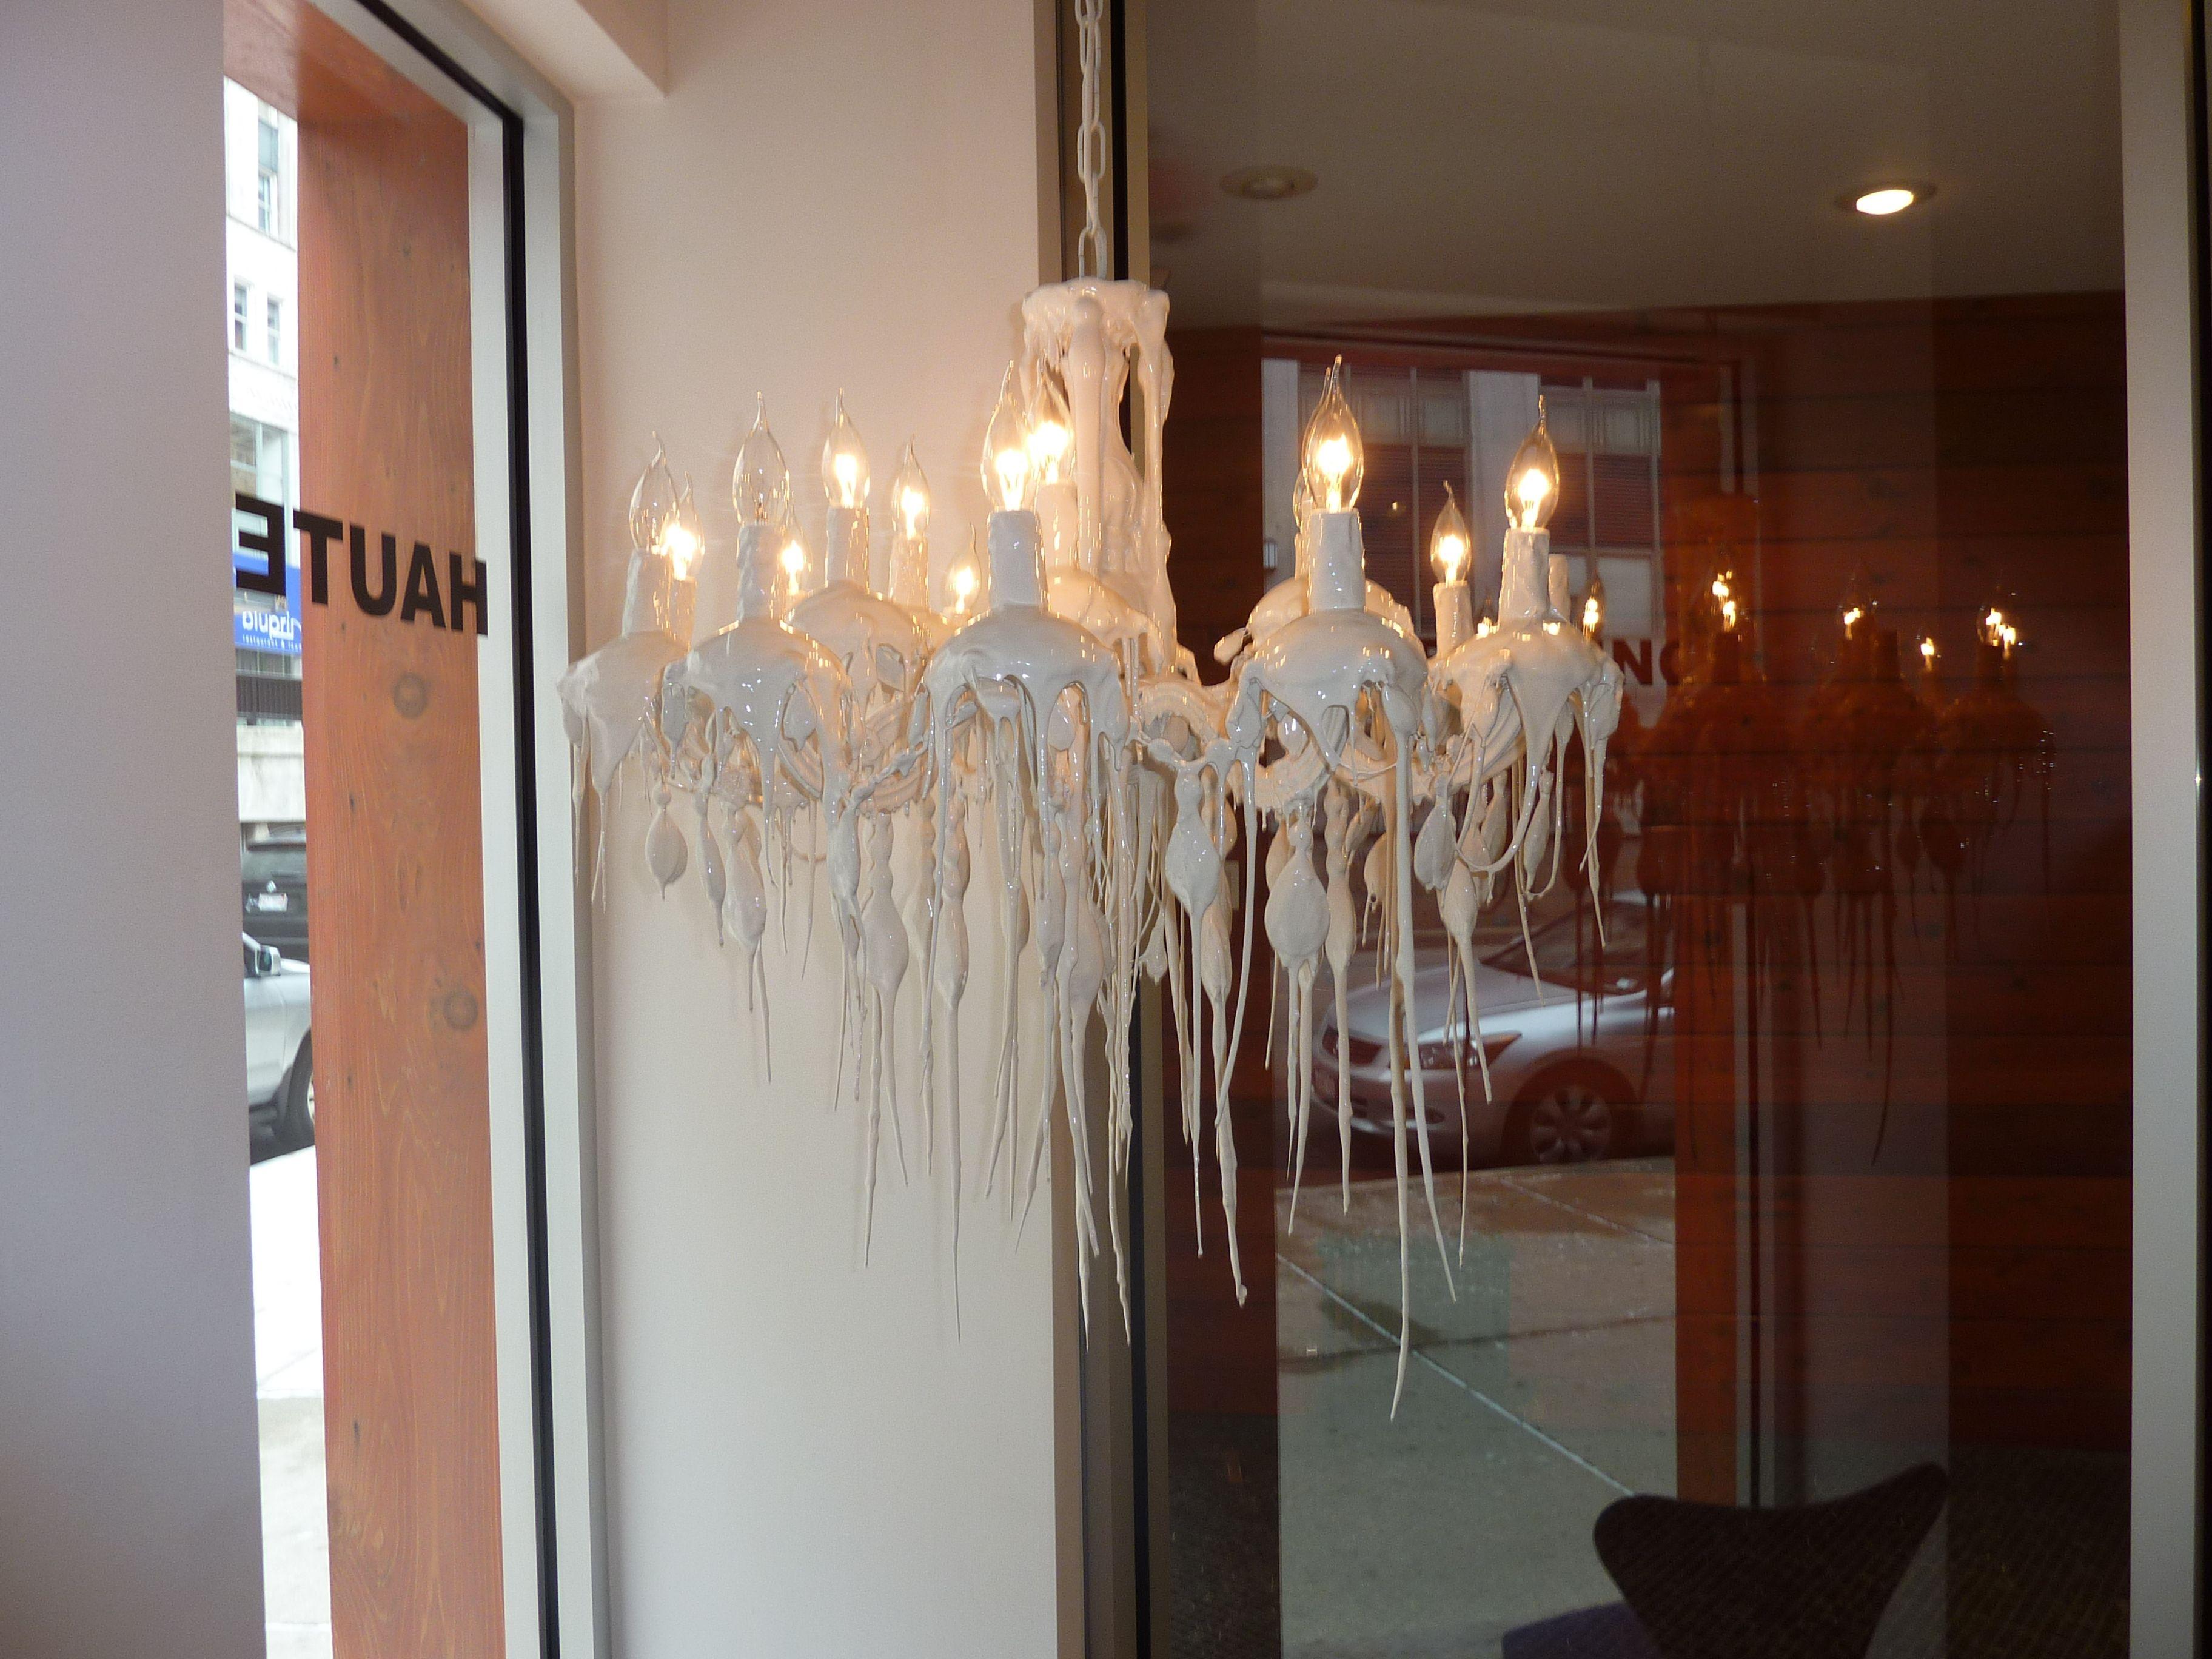 office chandelier lighting. Haute Living Melted Candle Chandelier- Cool For My Office Chandelier Lighting S